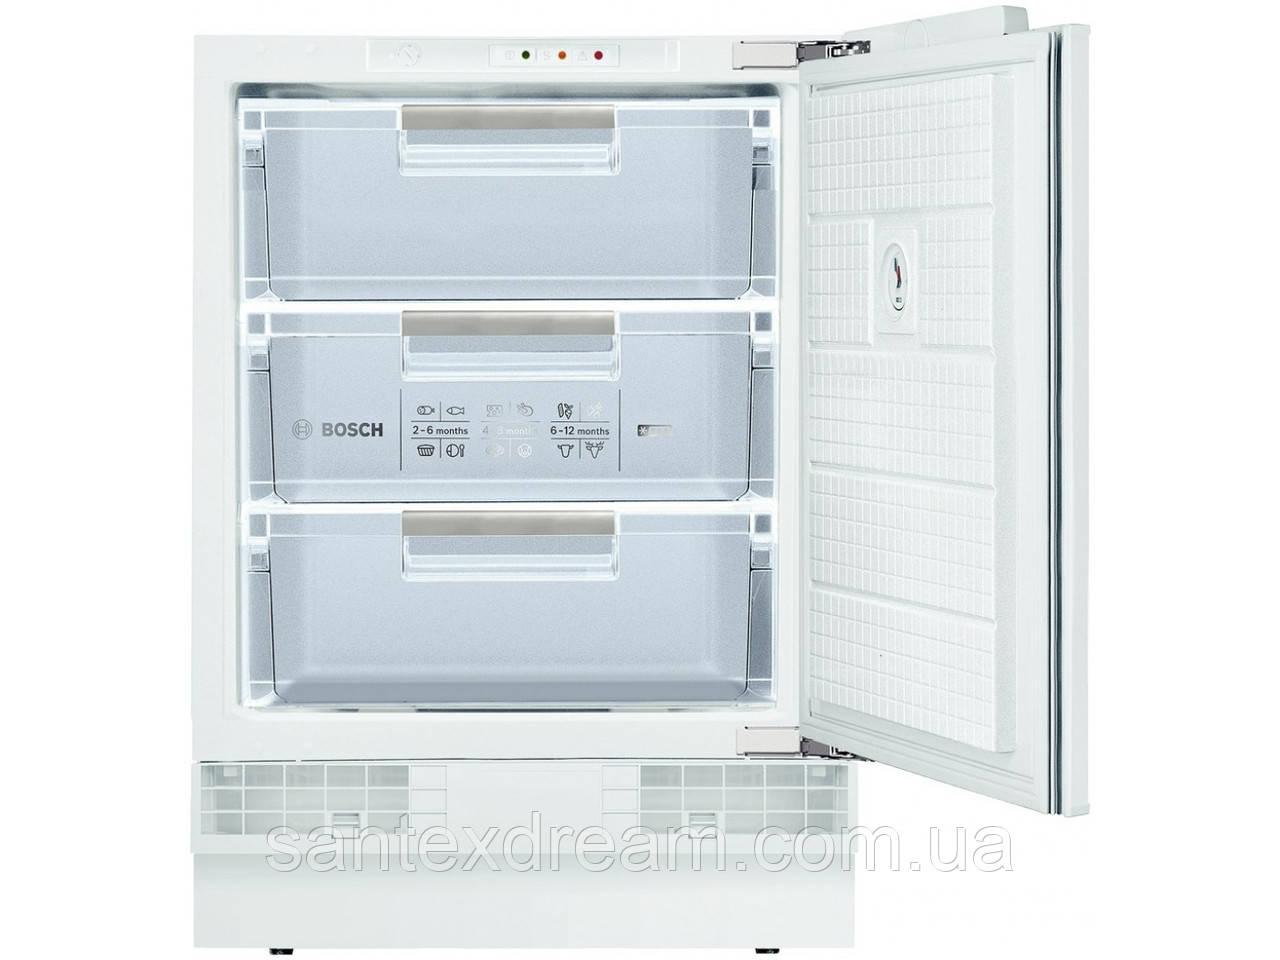 Морозильная камера встраиваемая Bosch GUD15A55